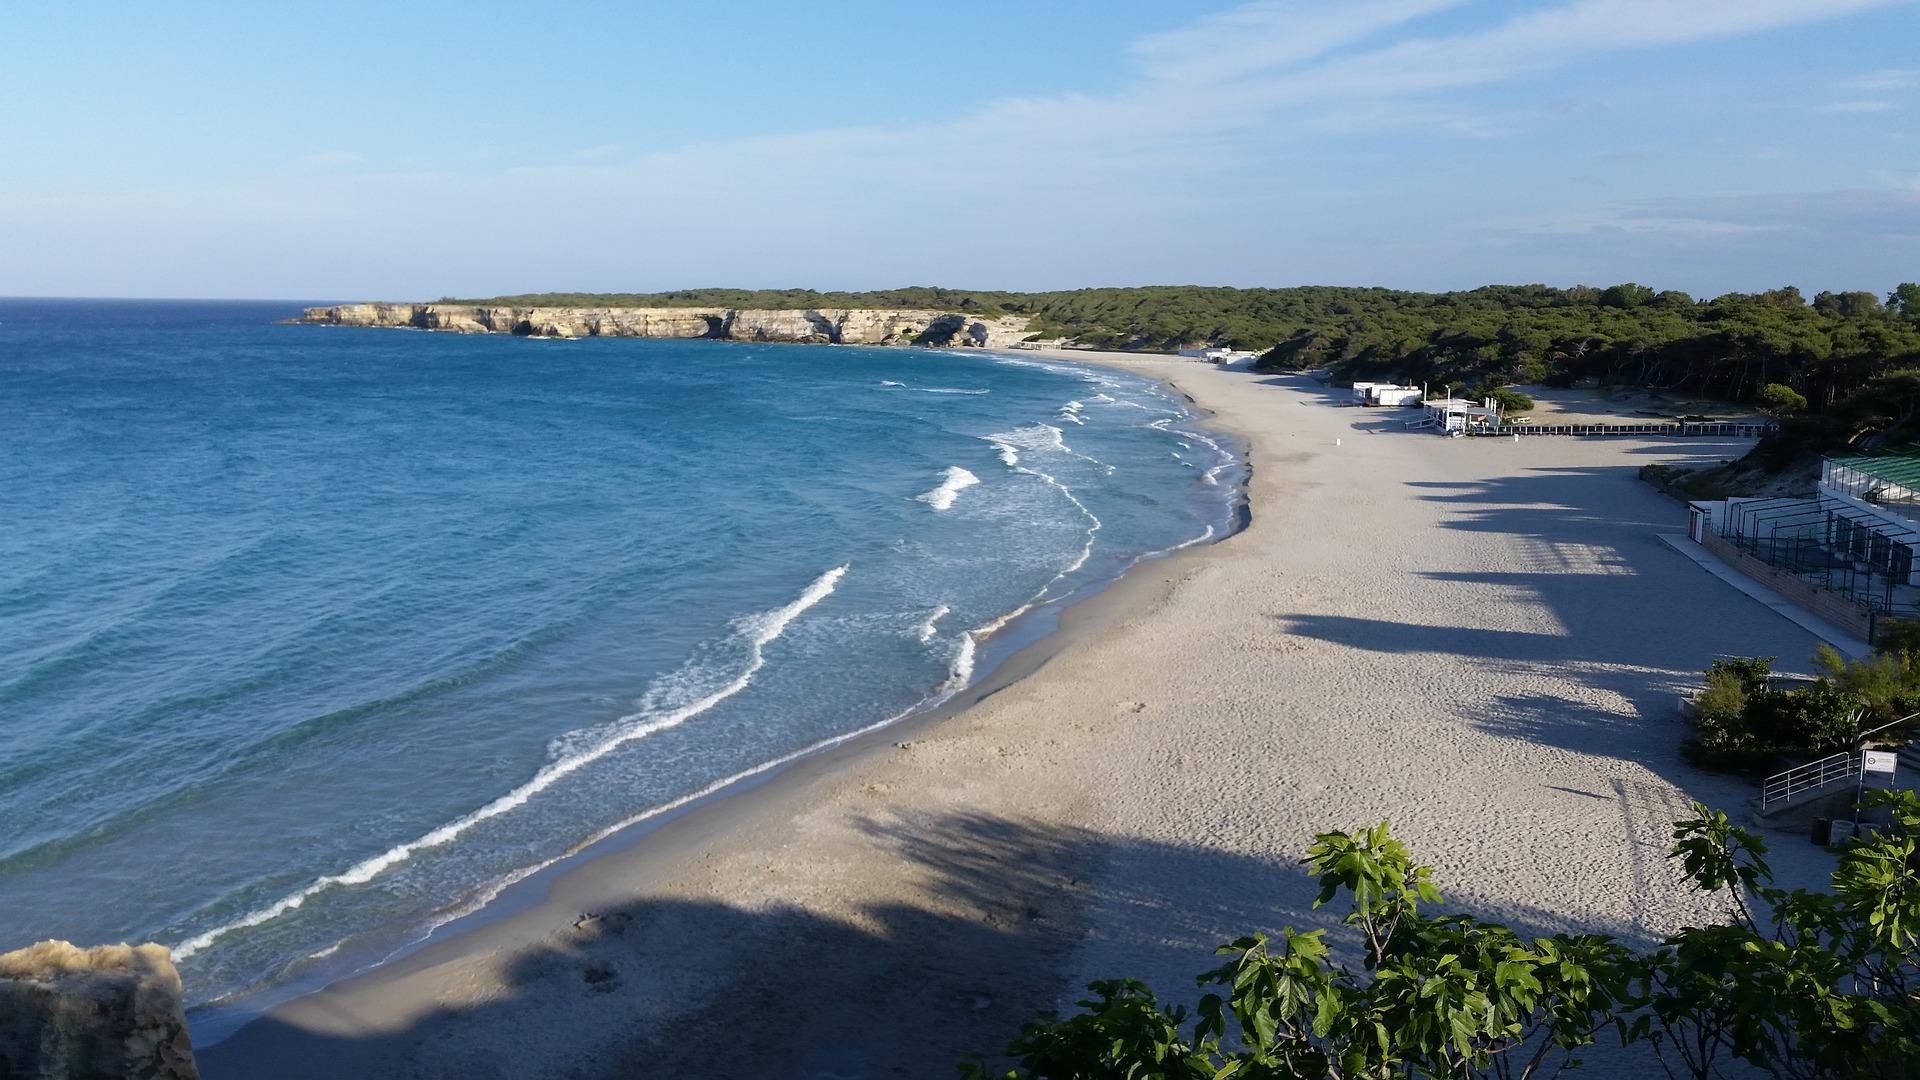 villaggi-turistici-sul-mare